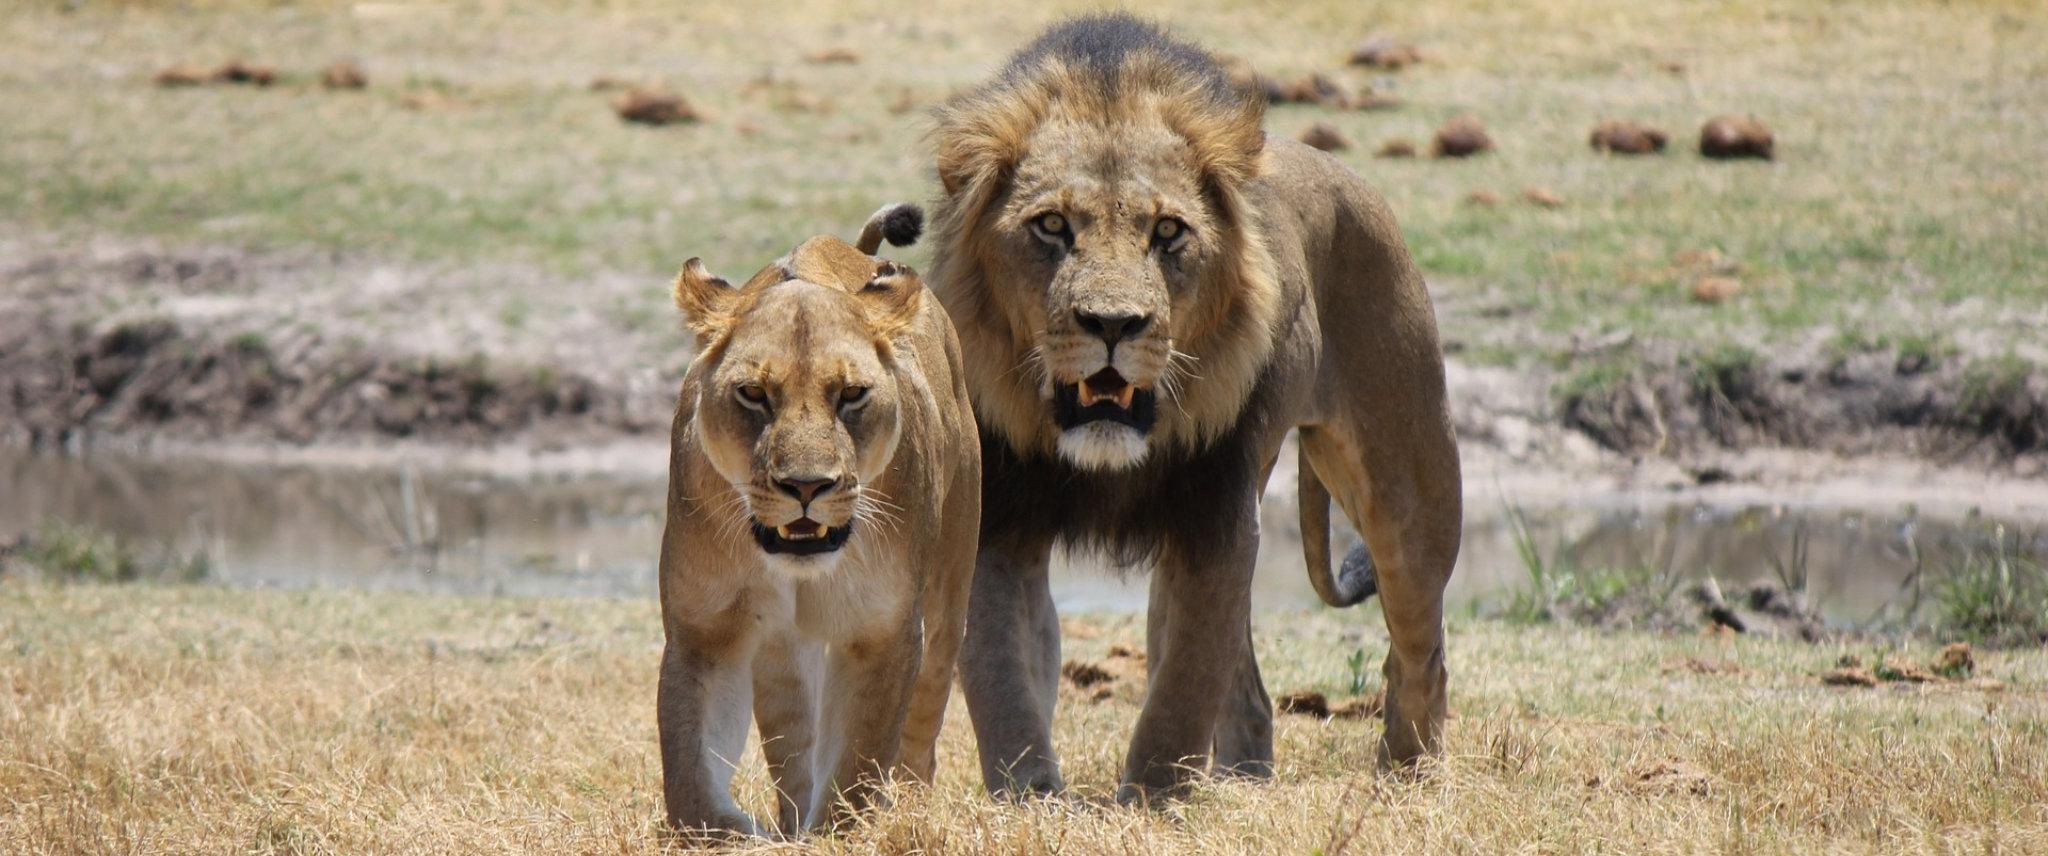 leone africano savana botswana hero image 1